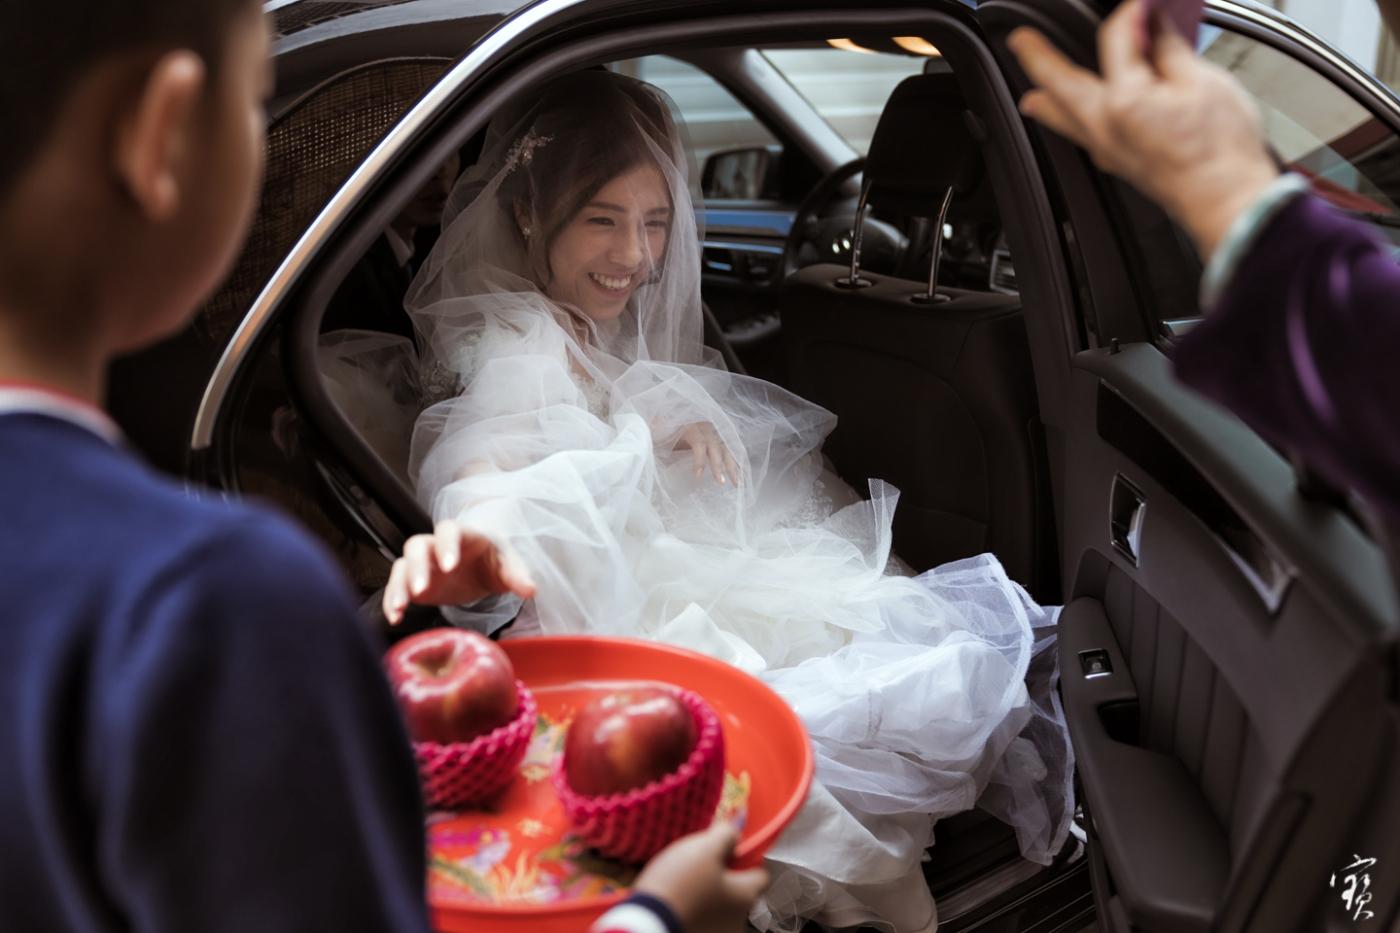 婚禮攝影 新竹彭園 冬伴影像 攝影師大寶 婚紗攝影 新娘新郎 早儀午宴20181125-143